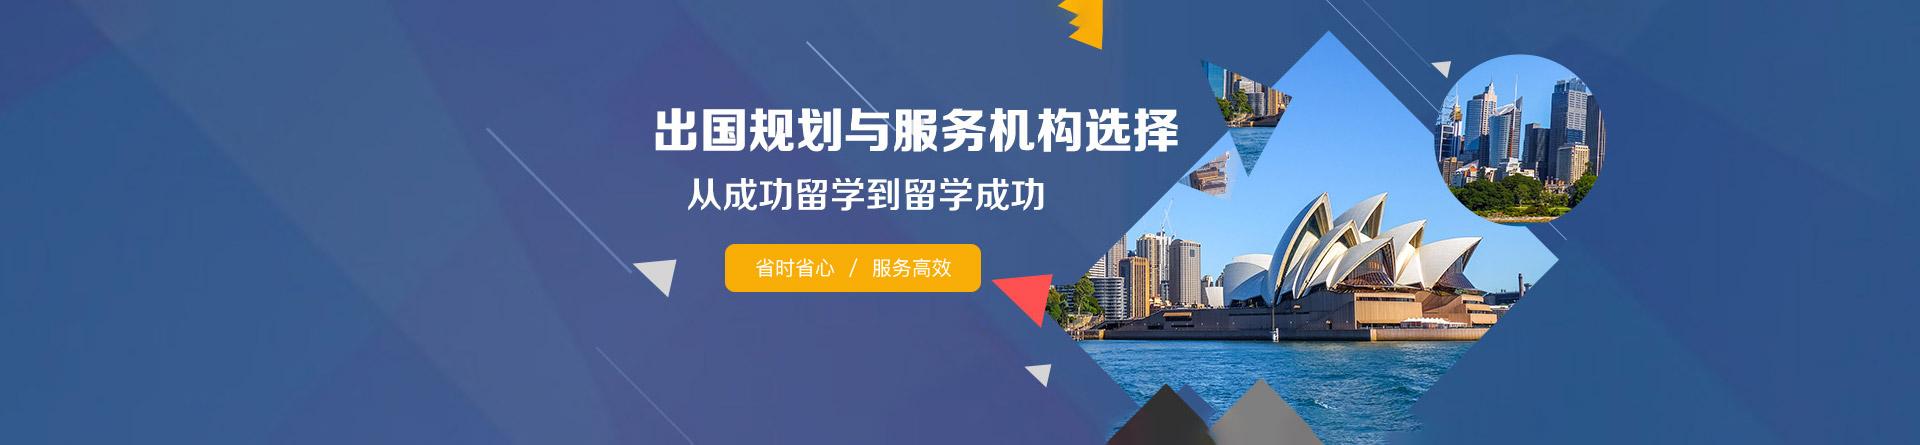 河南三门峡飞洋留学机构